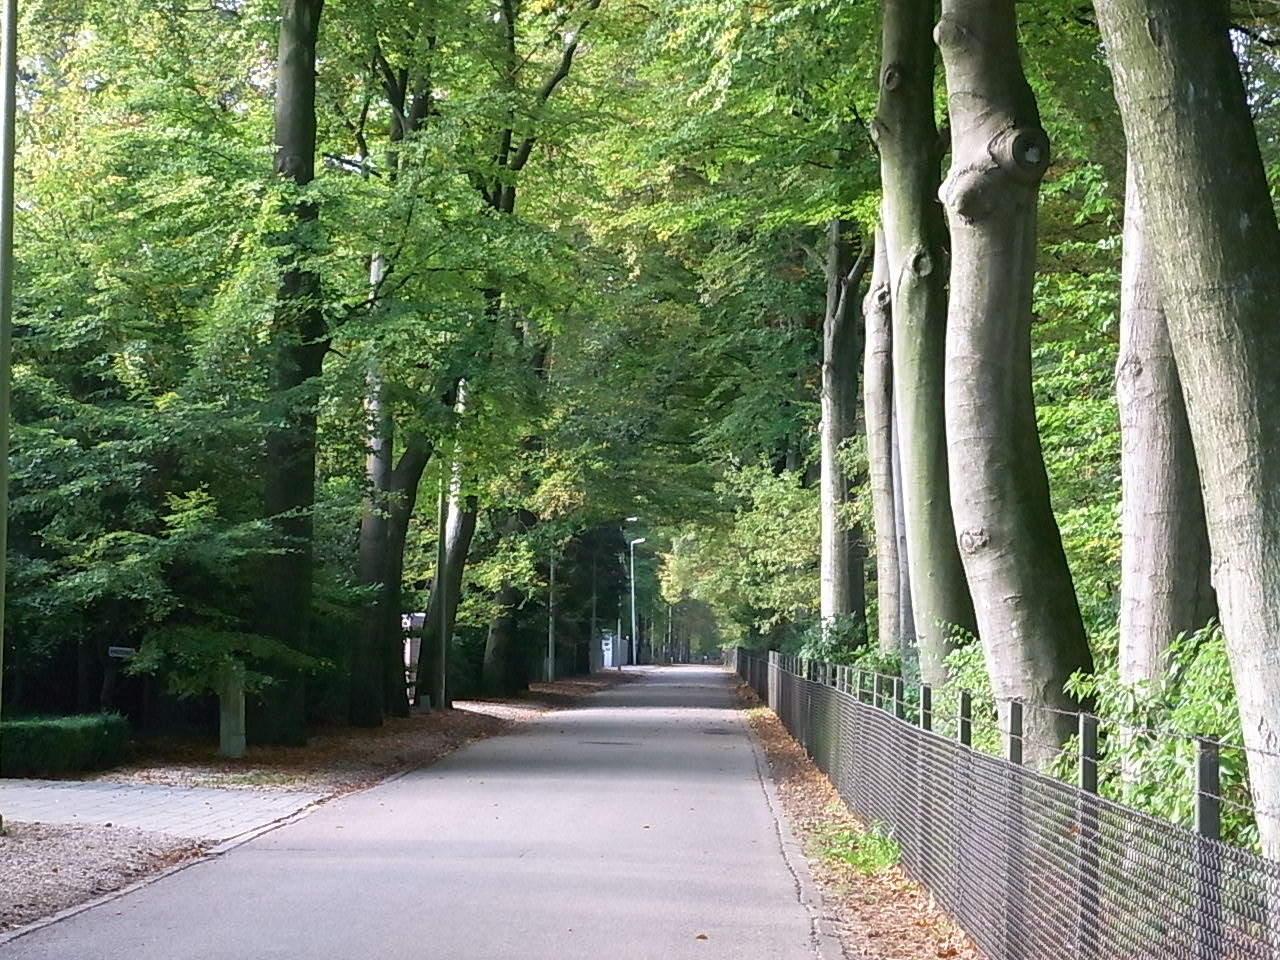 An einem Villenviertel mit viel Wald